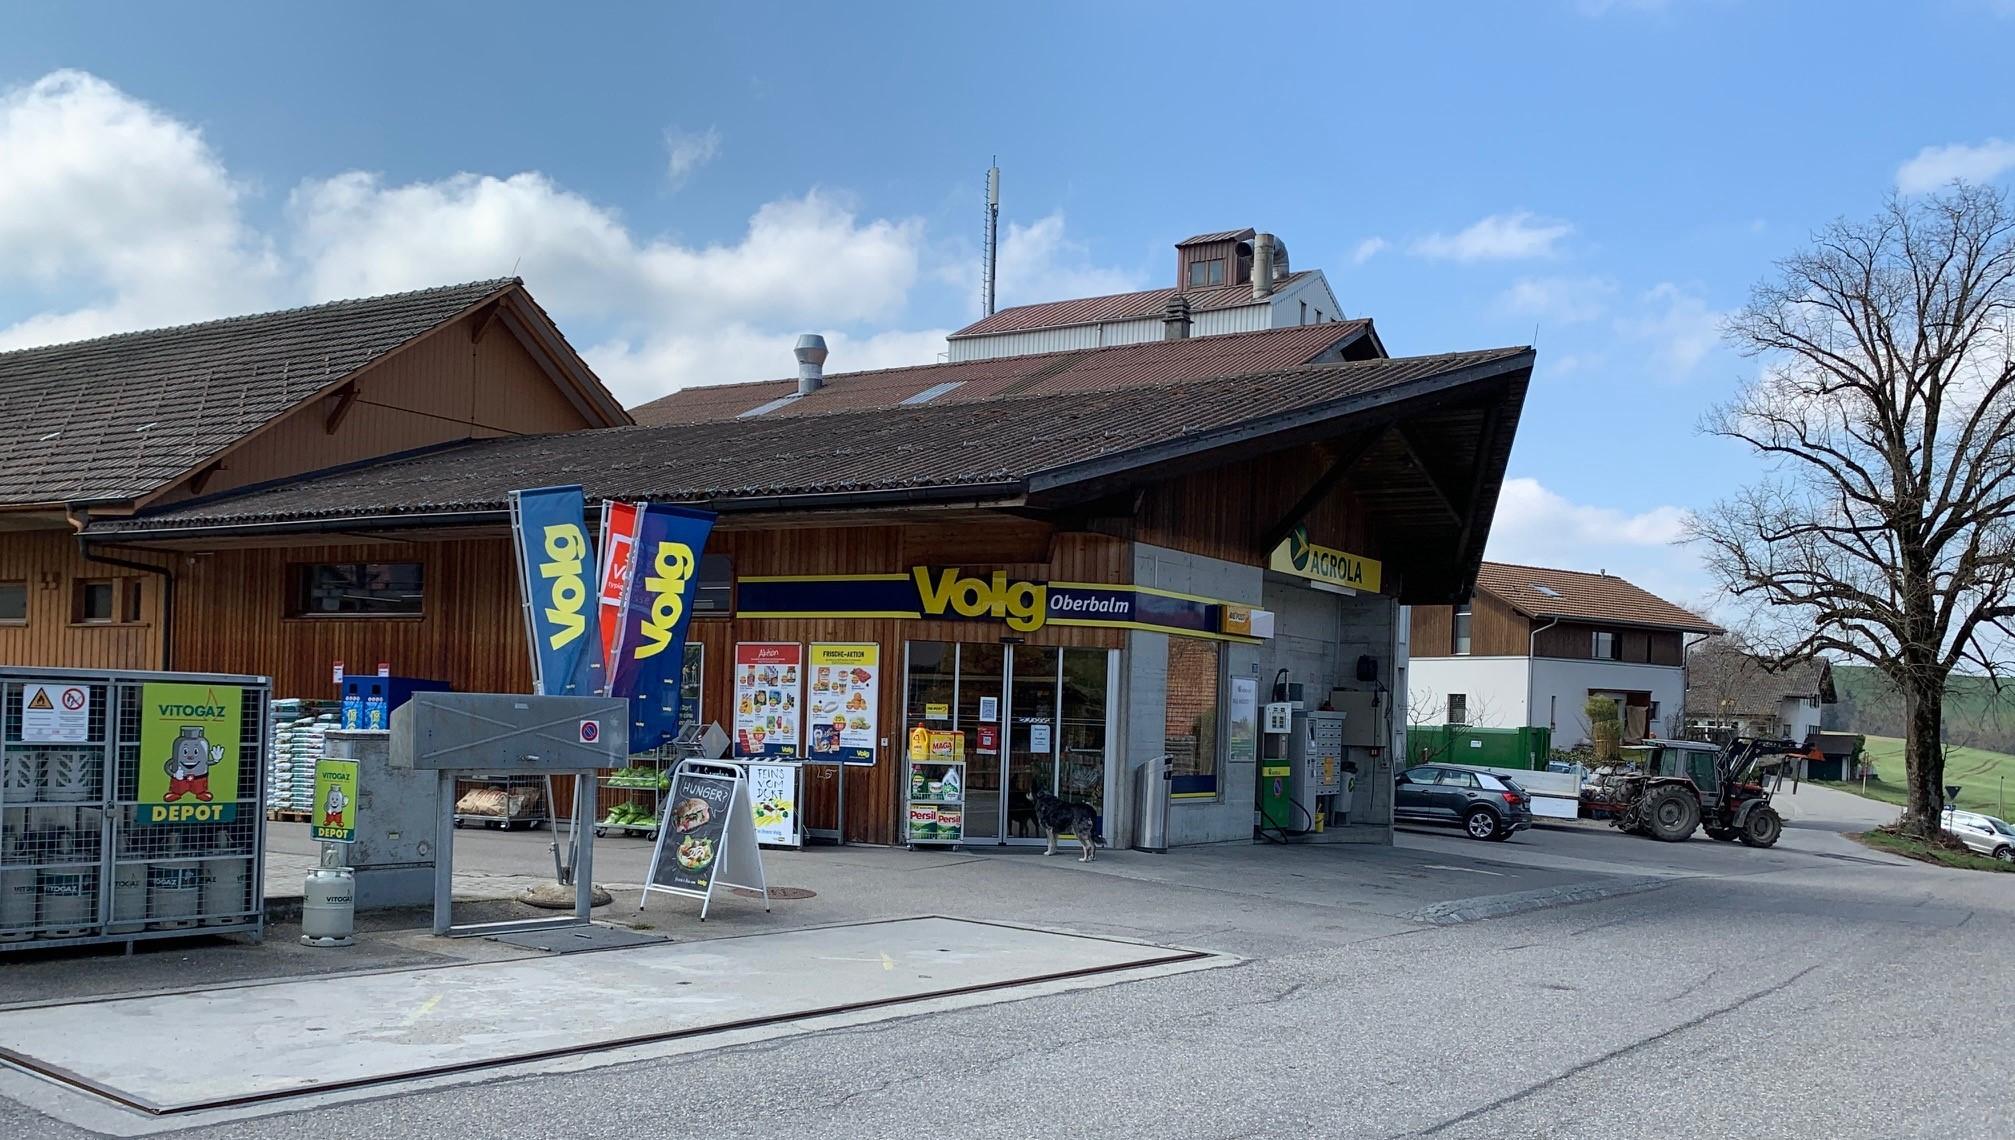 Dans la commune d'Oberbalm, l'office de poste et le magasin du village tiennent lieu depuis 15 ans de point de rencontre pour la population sous un seul et même toit. Les horaires d'ouverture, qui incluent le samedi jusqu'à 17 heures et le dimanche jusqu'à midi, facilitent les opérations postales dans la commune rurale.